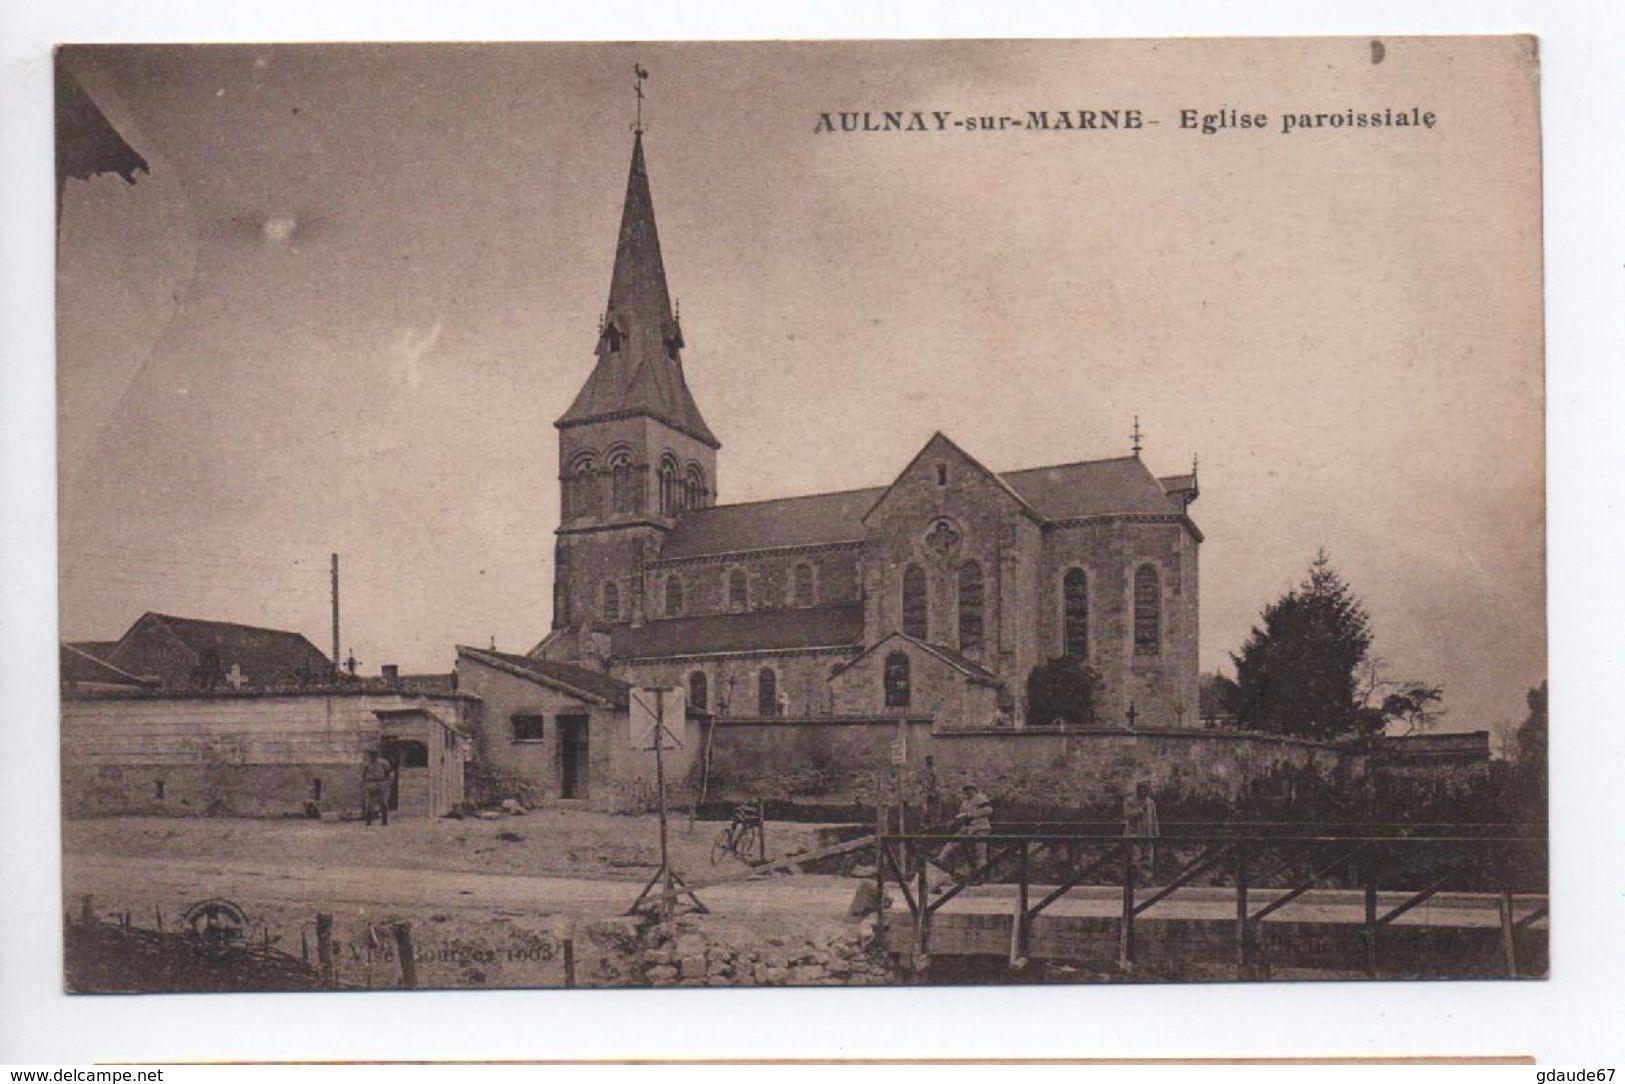 AULNAY SUR MARNE (51) - EGLISE PAROISSIALE - France